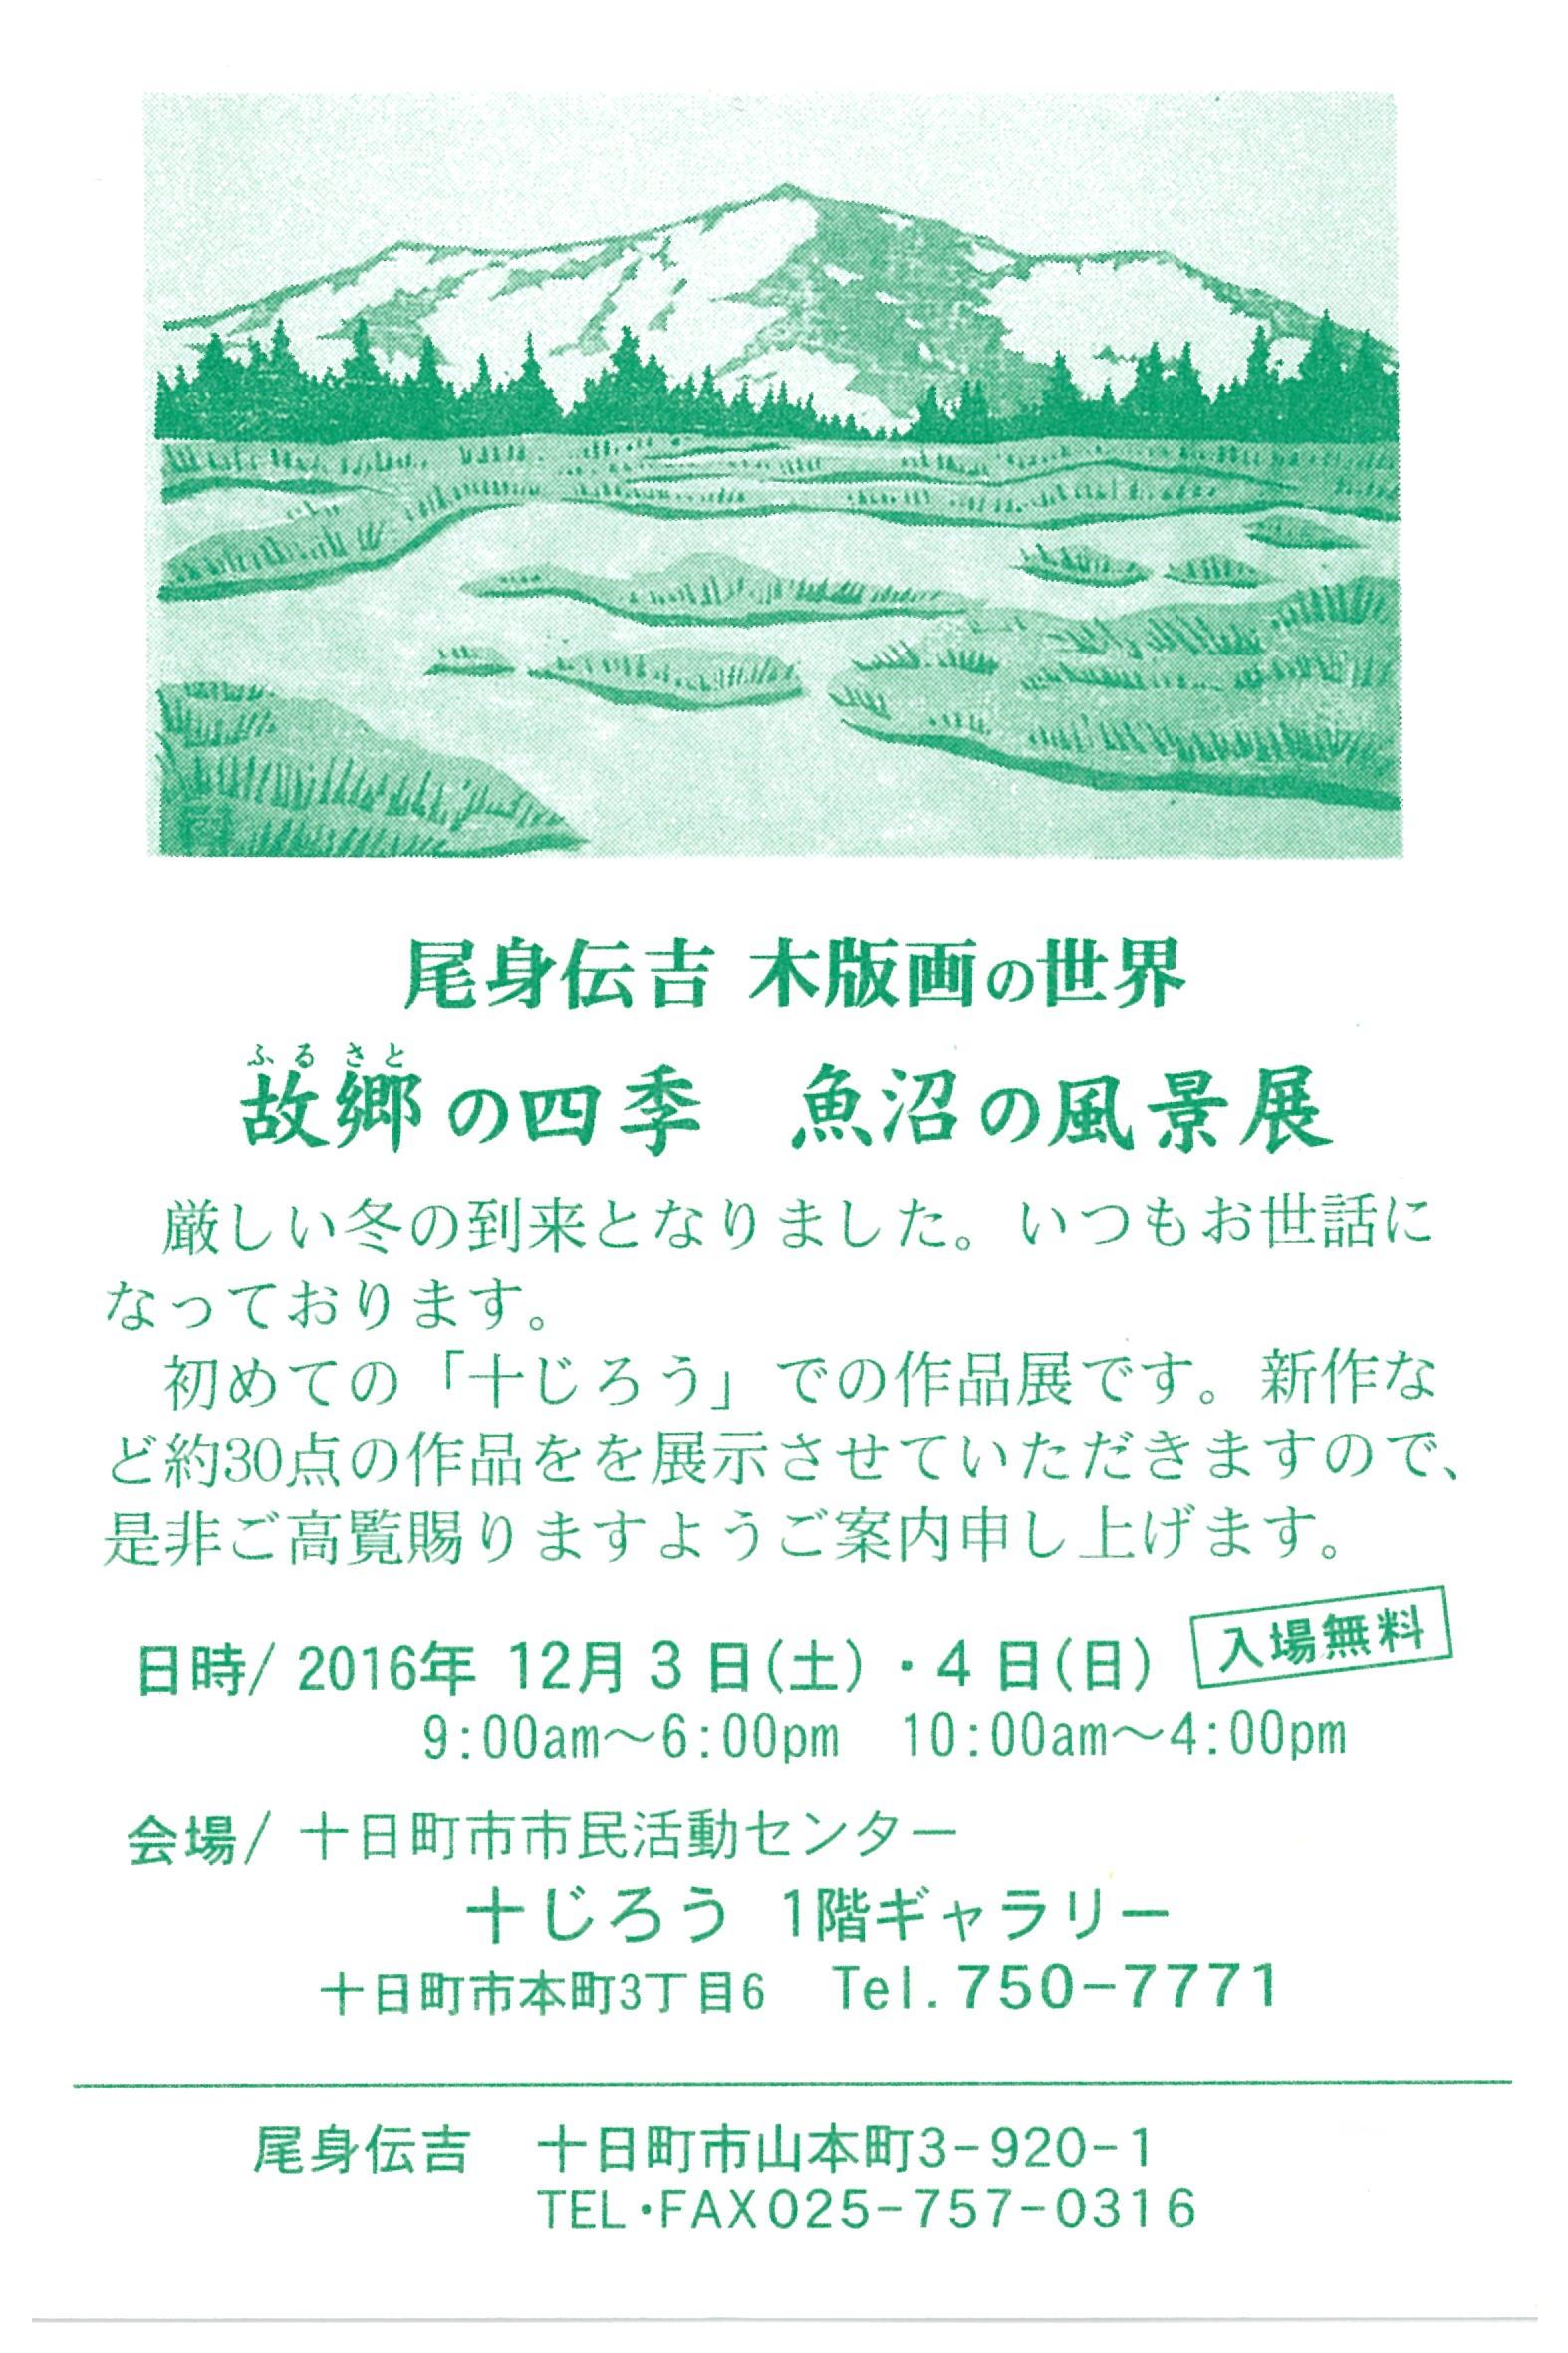 尾身伝吉 木版画の世界 故郷の四季 魚沼の風景展